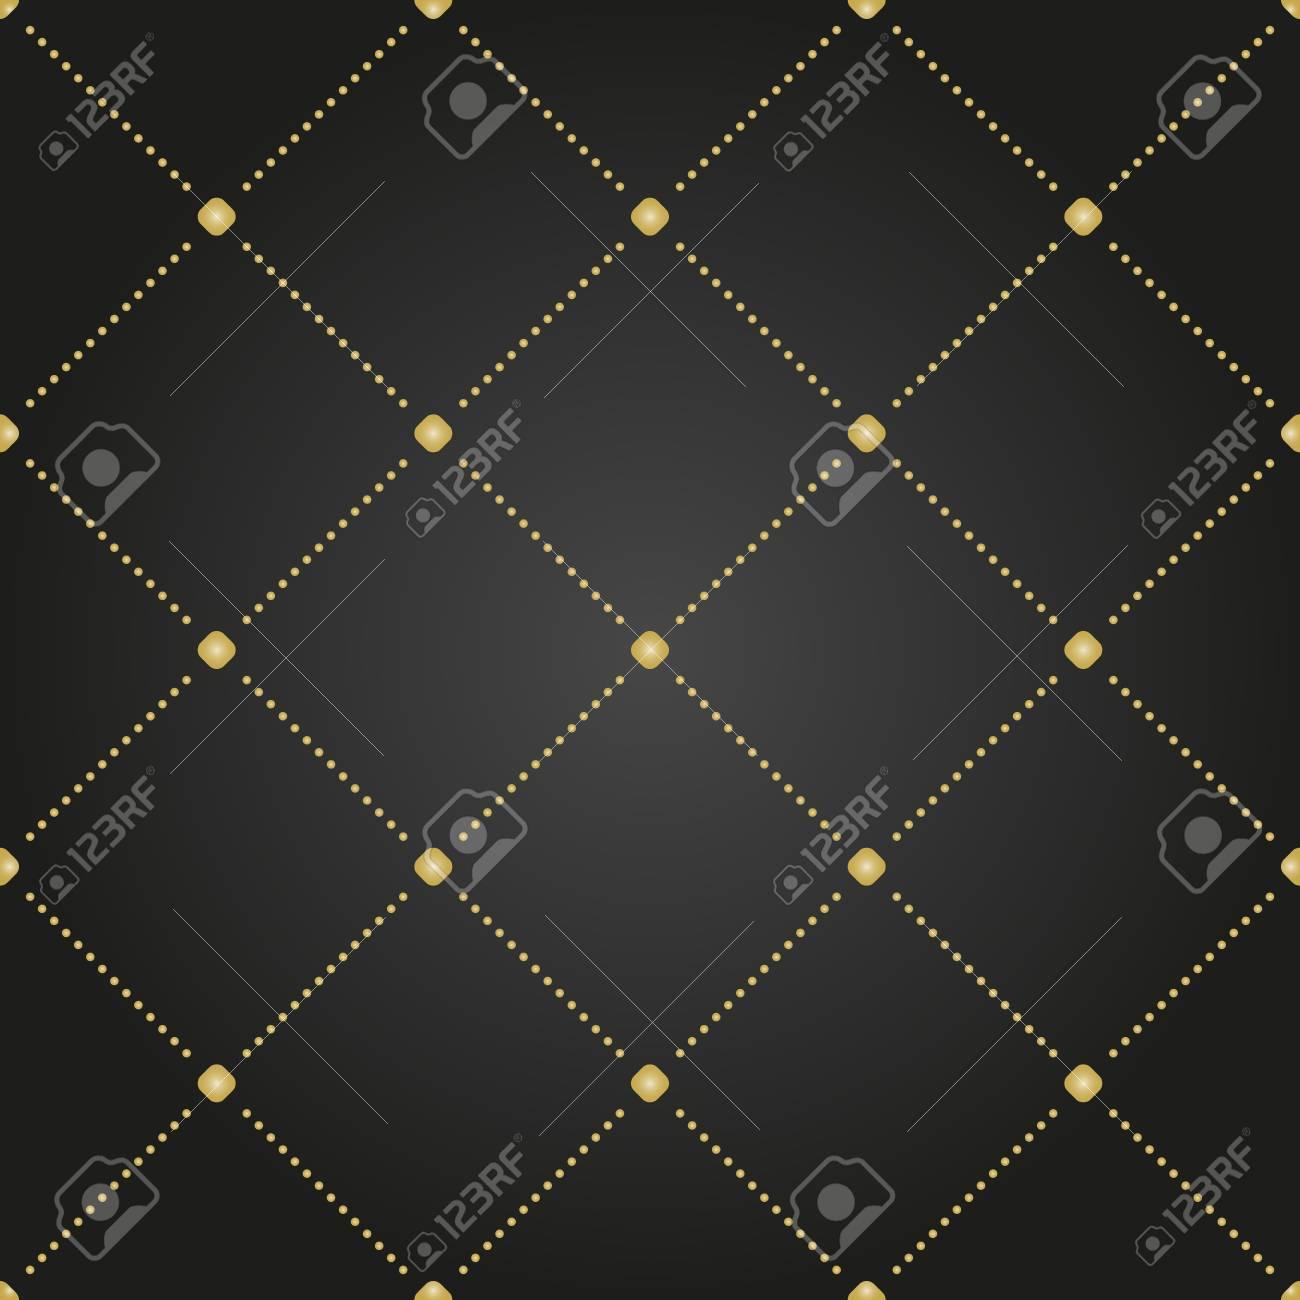 ドットの幾何学的なベクトルの黒と金のパターン 壁紙や背景の